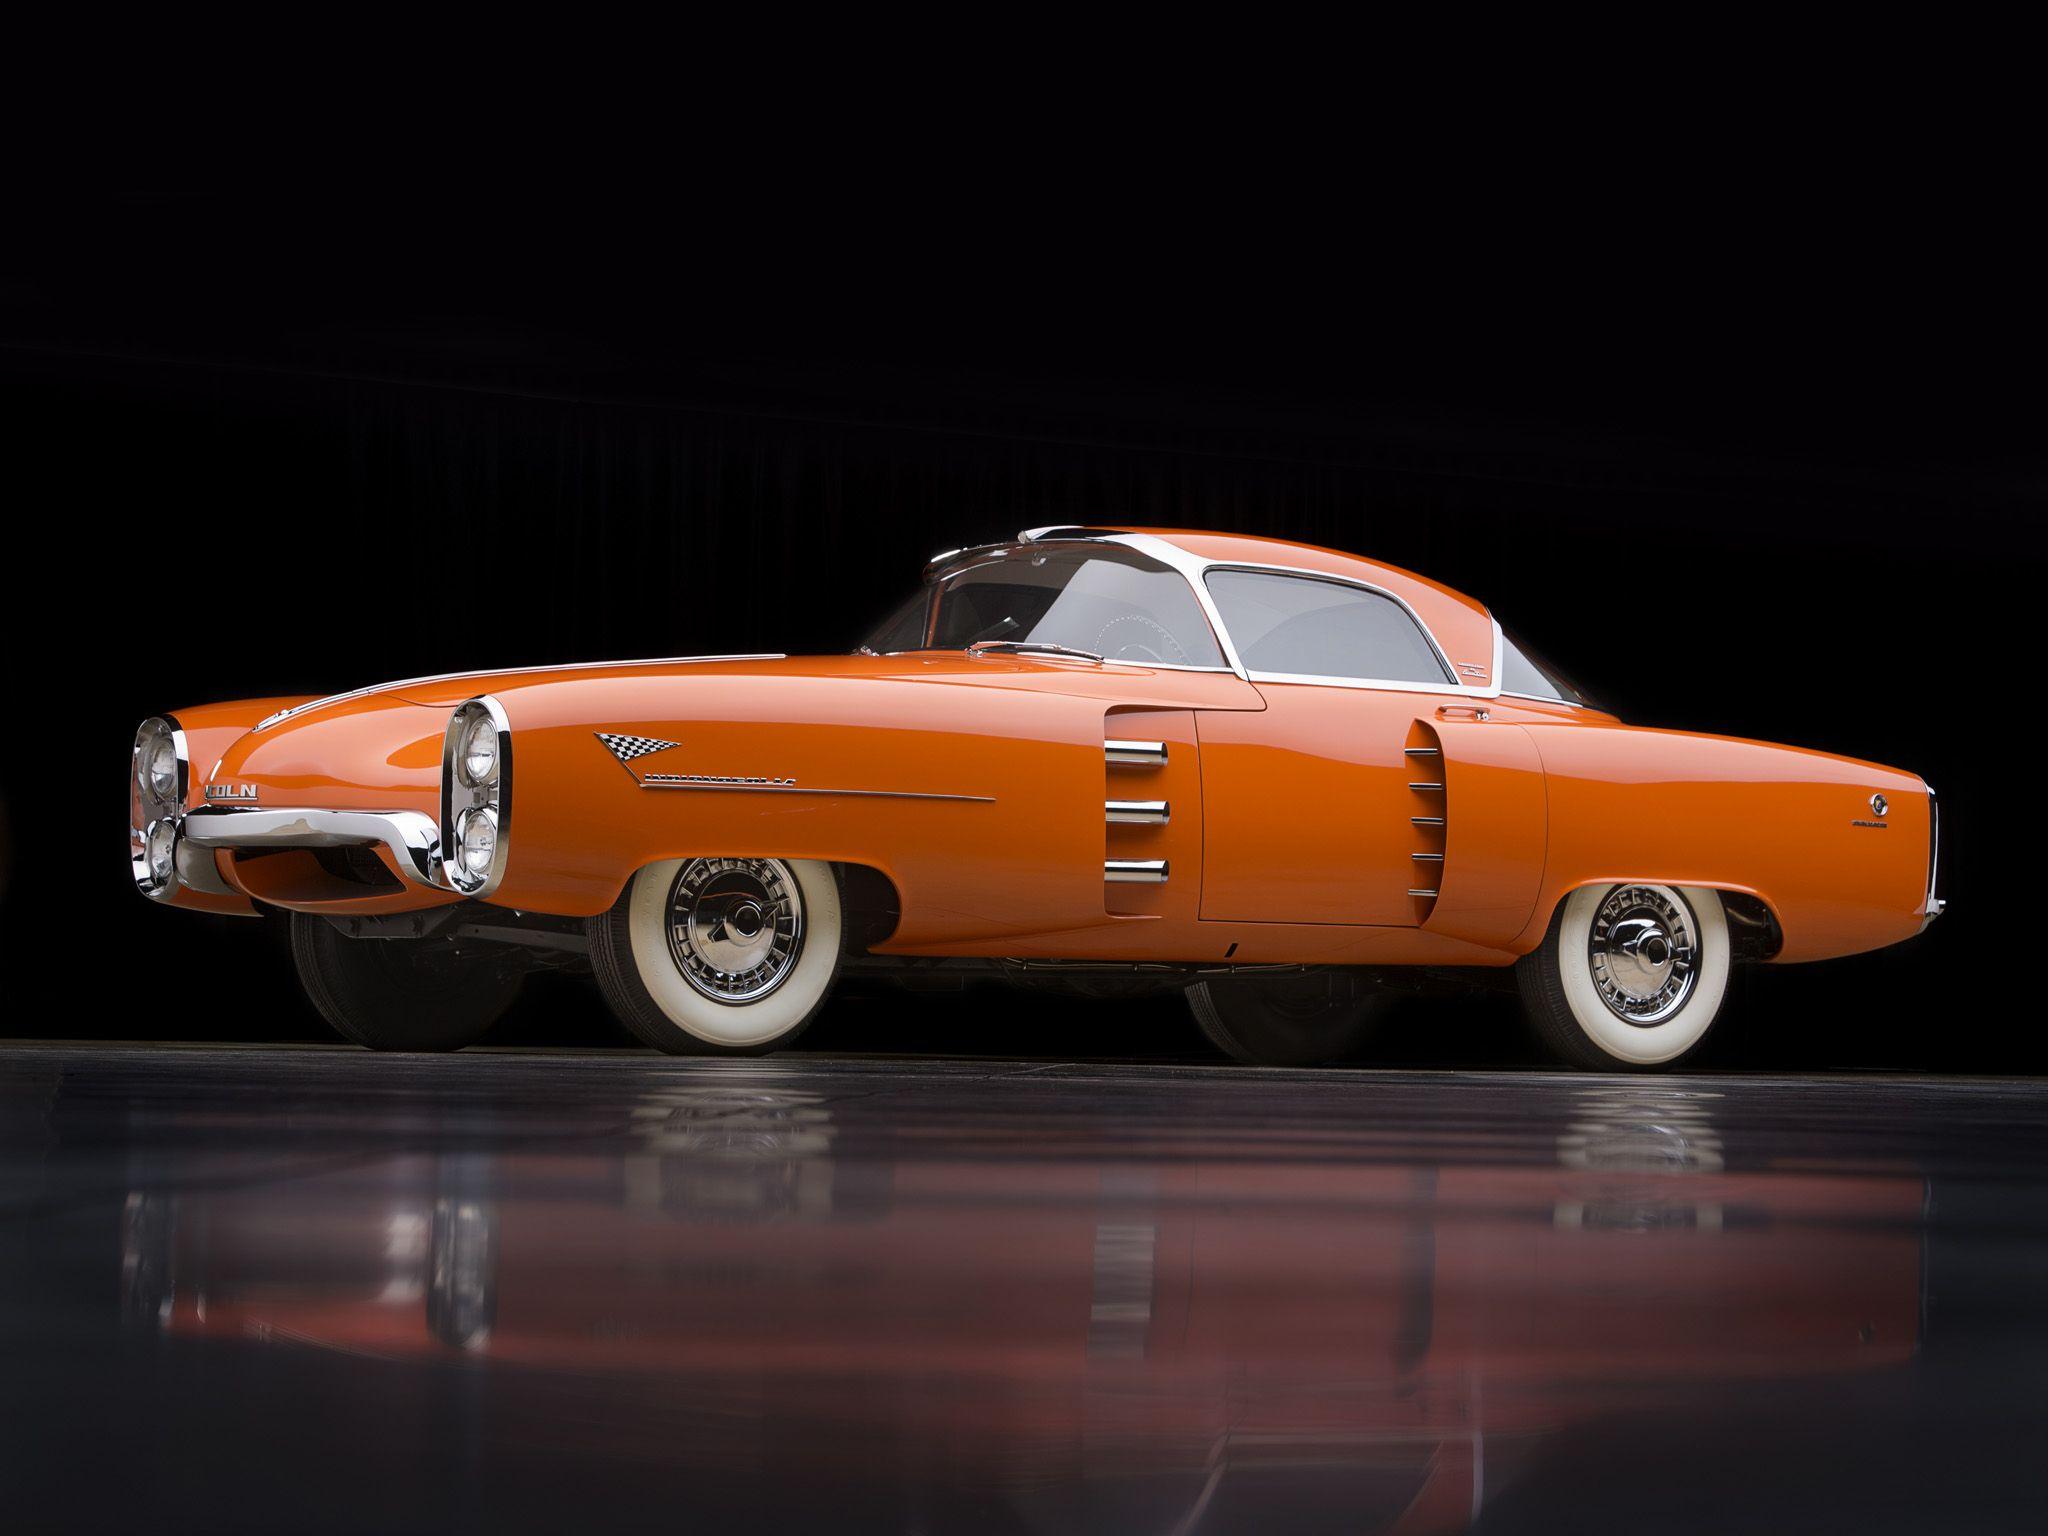 1955 Lincoln Indianapolis Boano Coupe concept